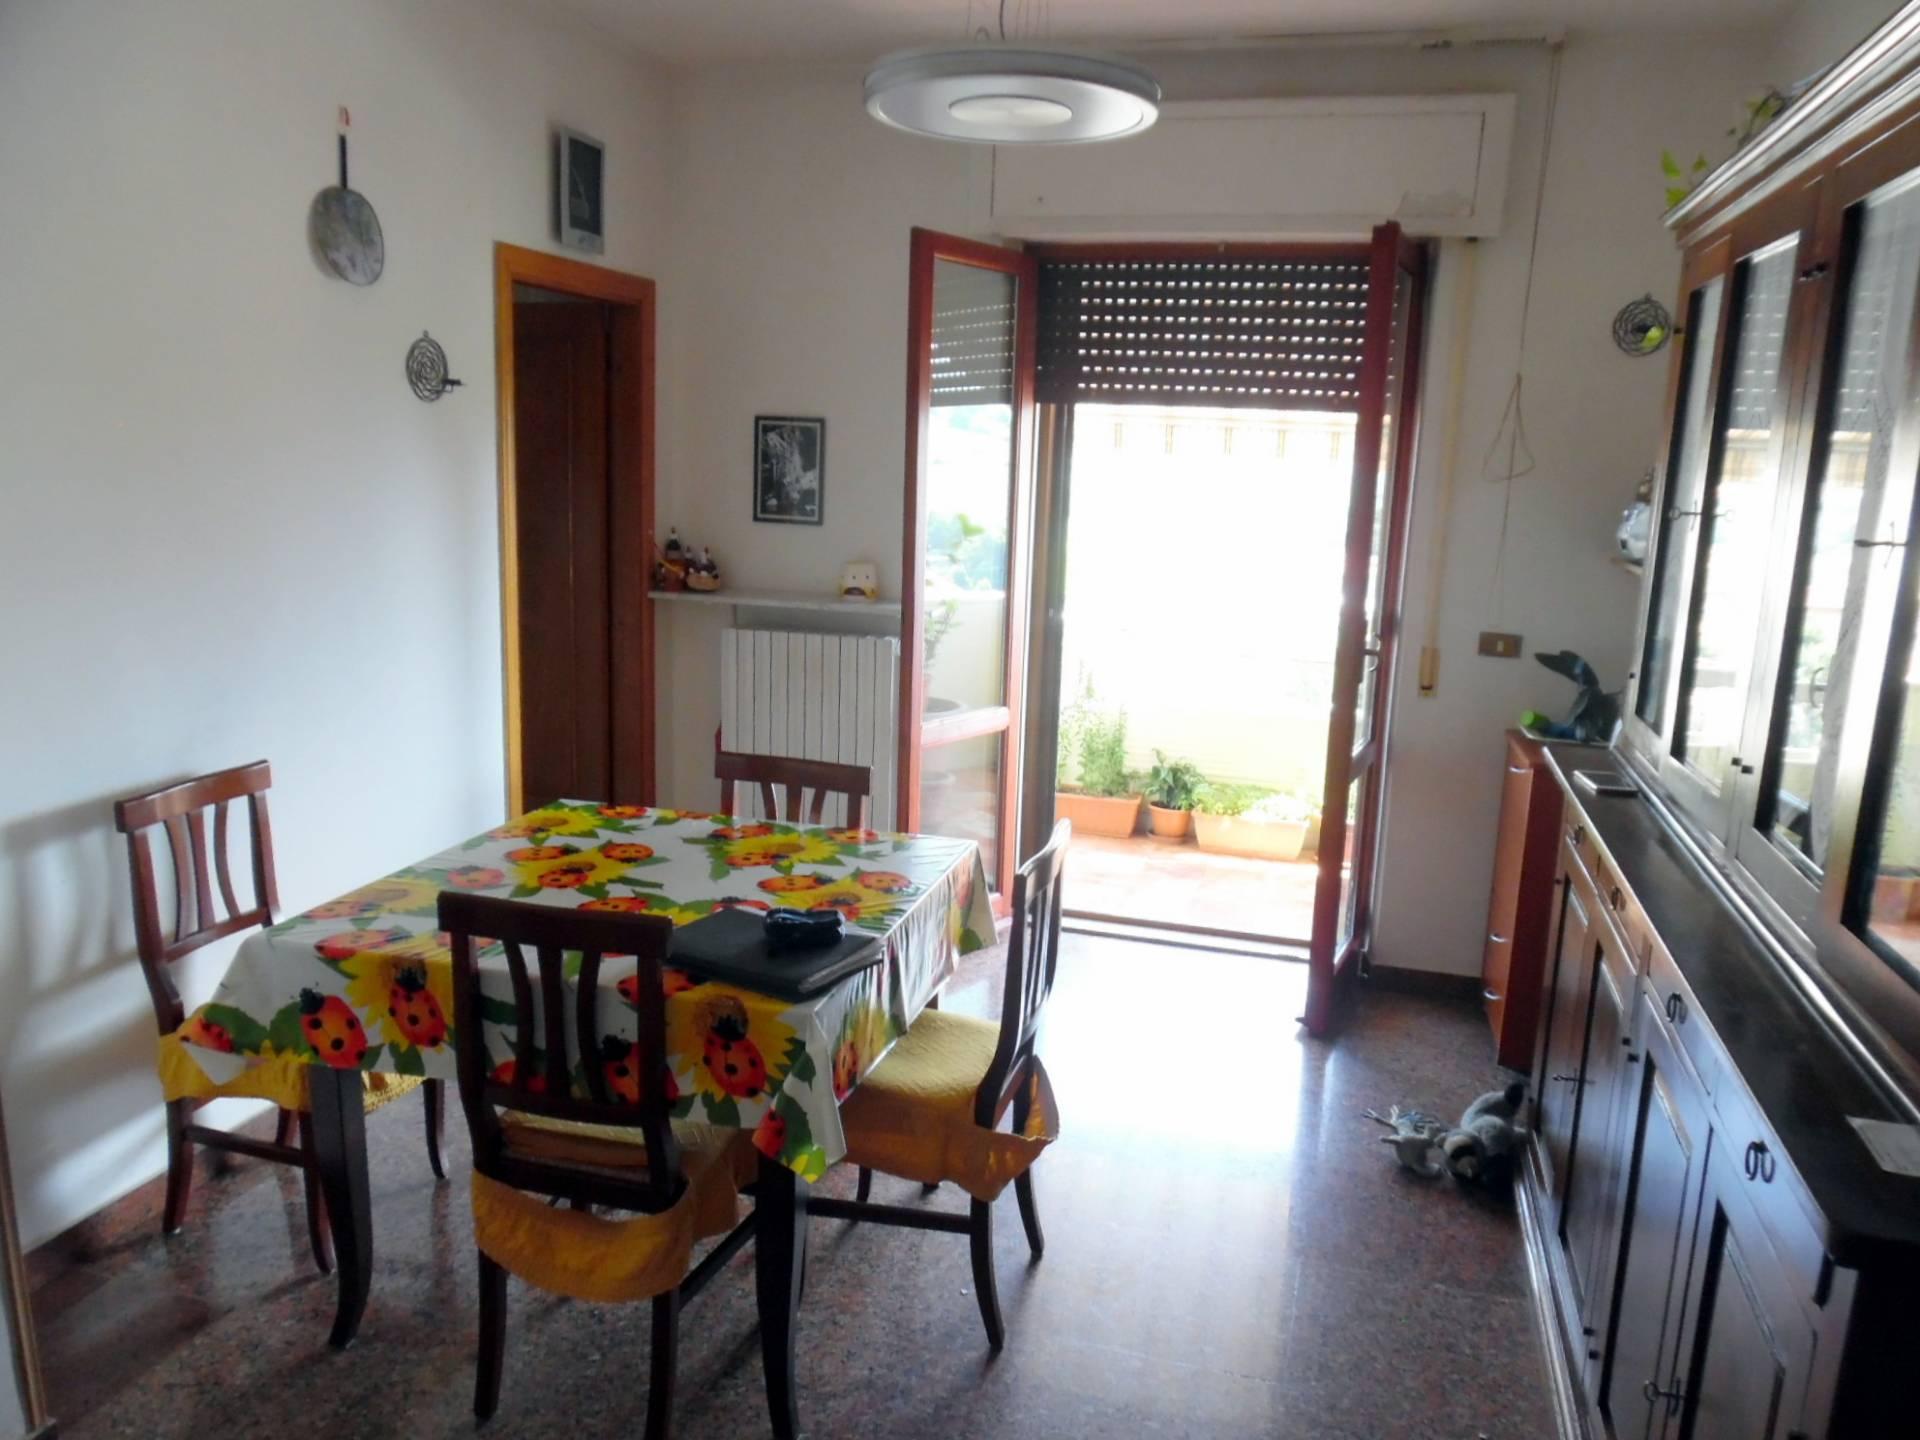 Appartamento in vendita San Silvestro-Via panoramica Castorano